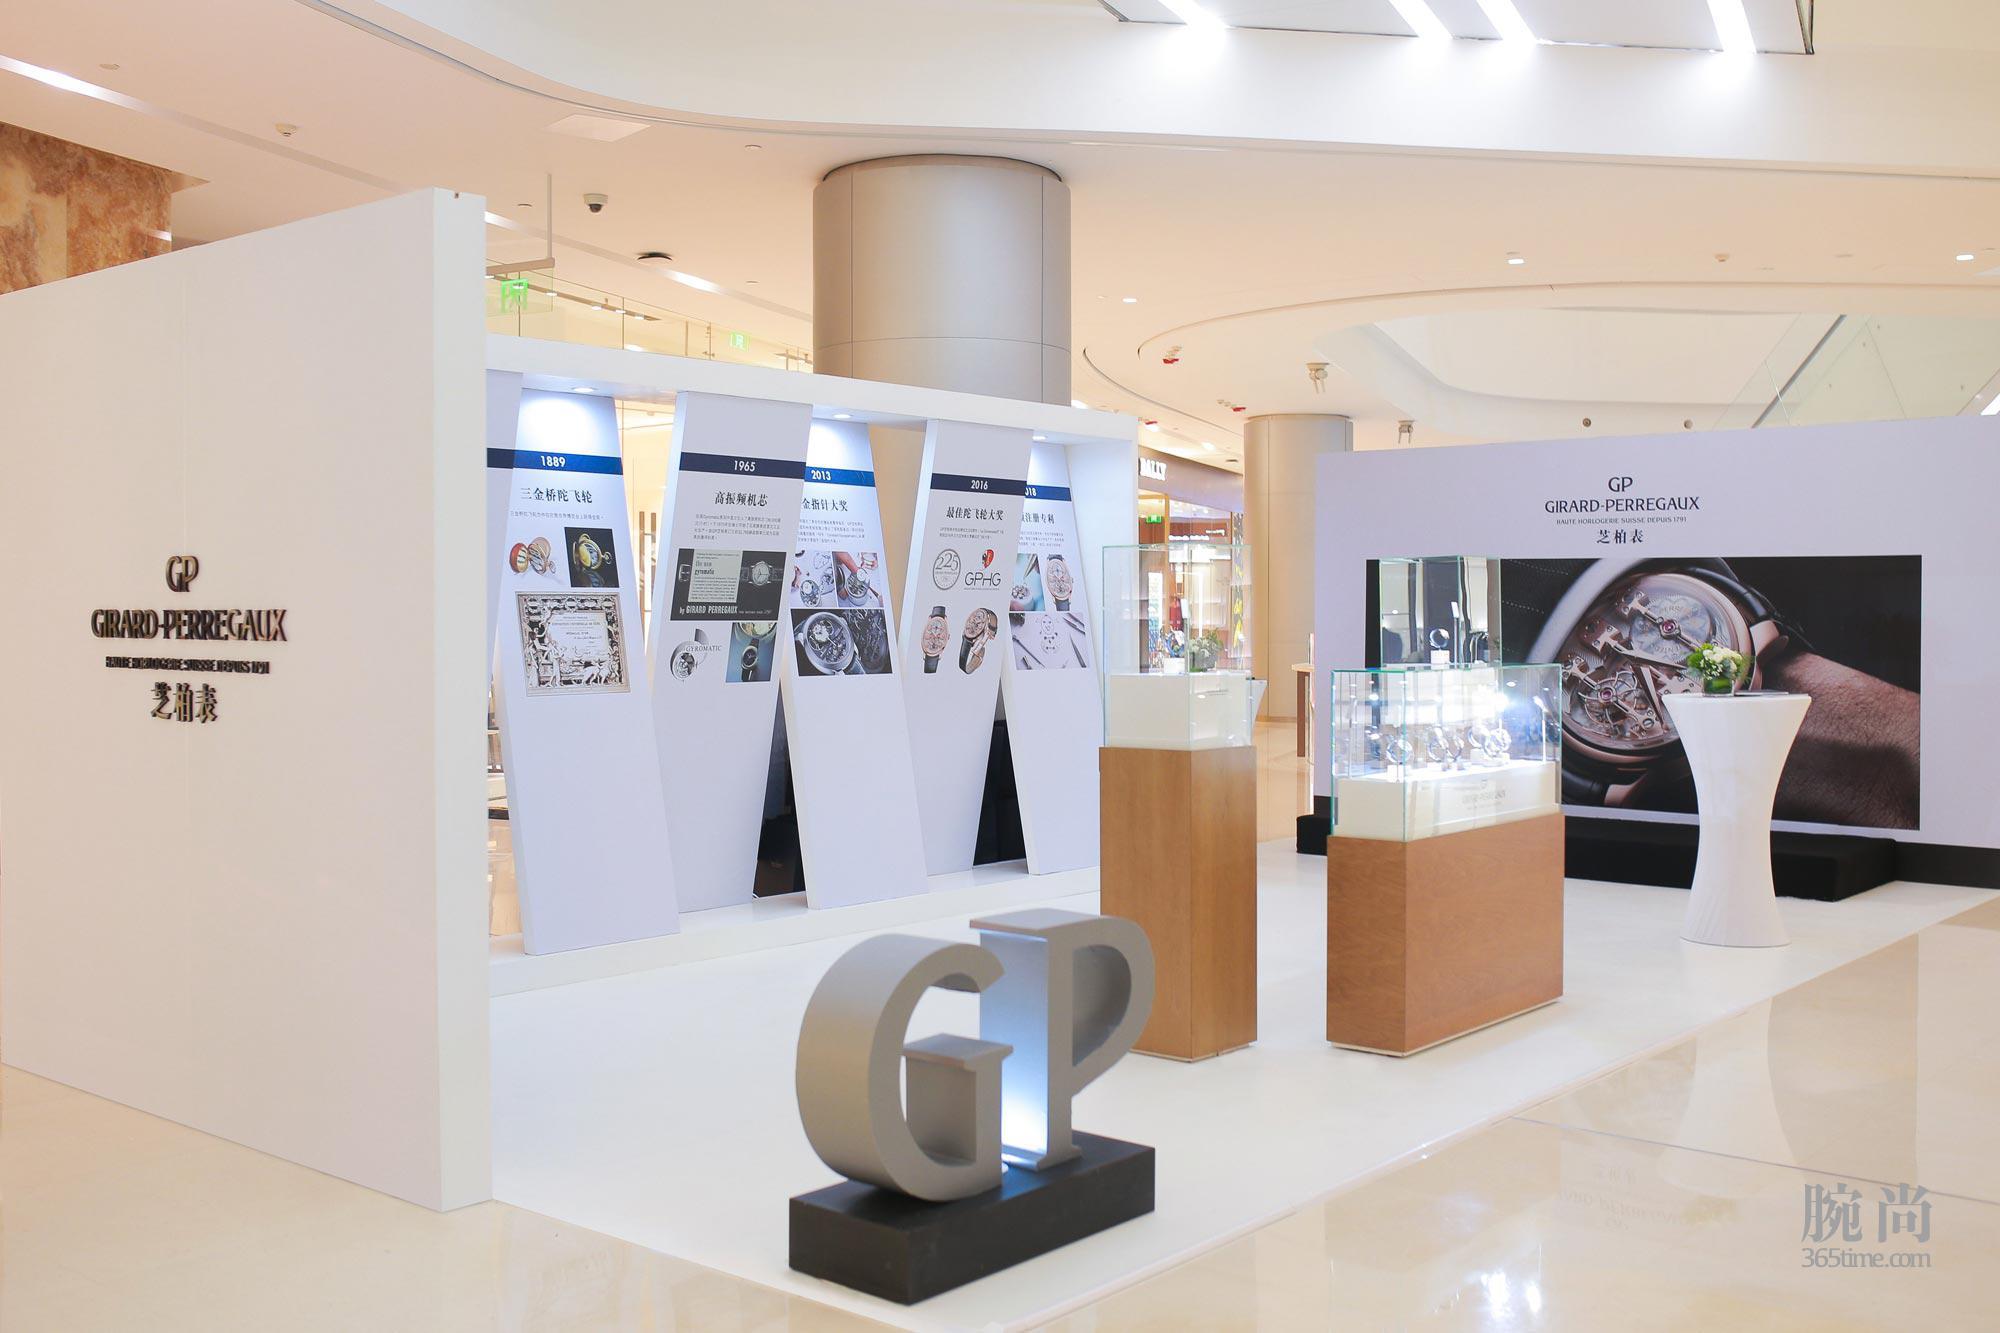 GP芝柏表_开业仪式腕表展示区_长沙国金中心专卖店全新开业.jpg